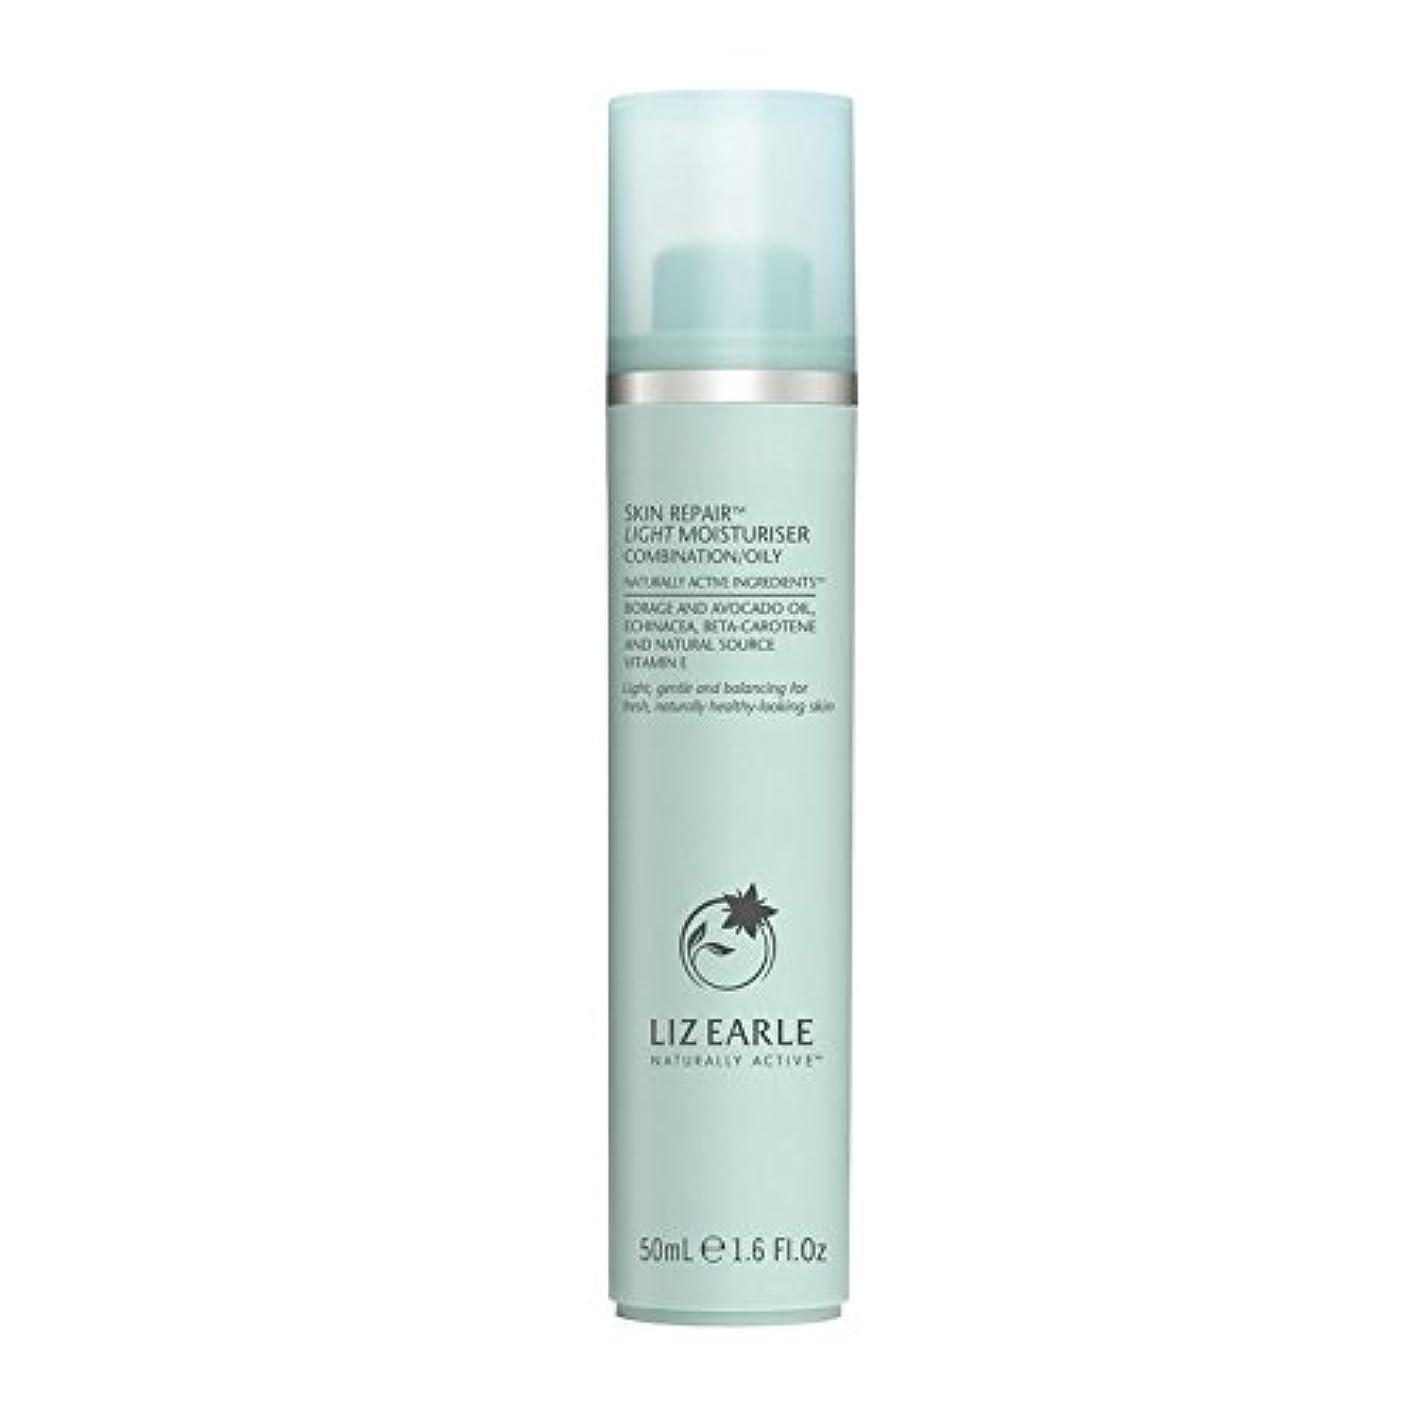 起きろ自分自身協力するLiz Earle Skin Repair Light Moisturiser Combination/Oily 50ml (Pack of 6) - リズアールスキンリペア光の保湿剤の組み合わせ/油性50ミリリットル x6 [並行輸入品]